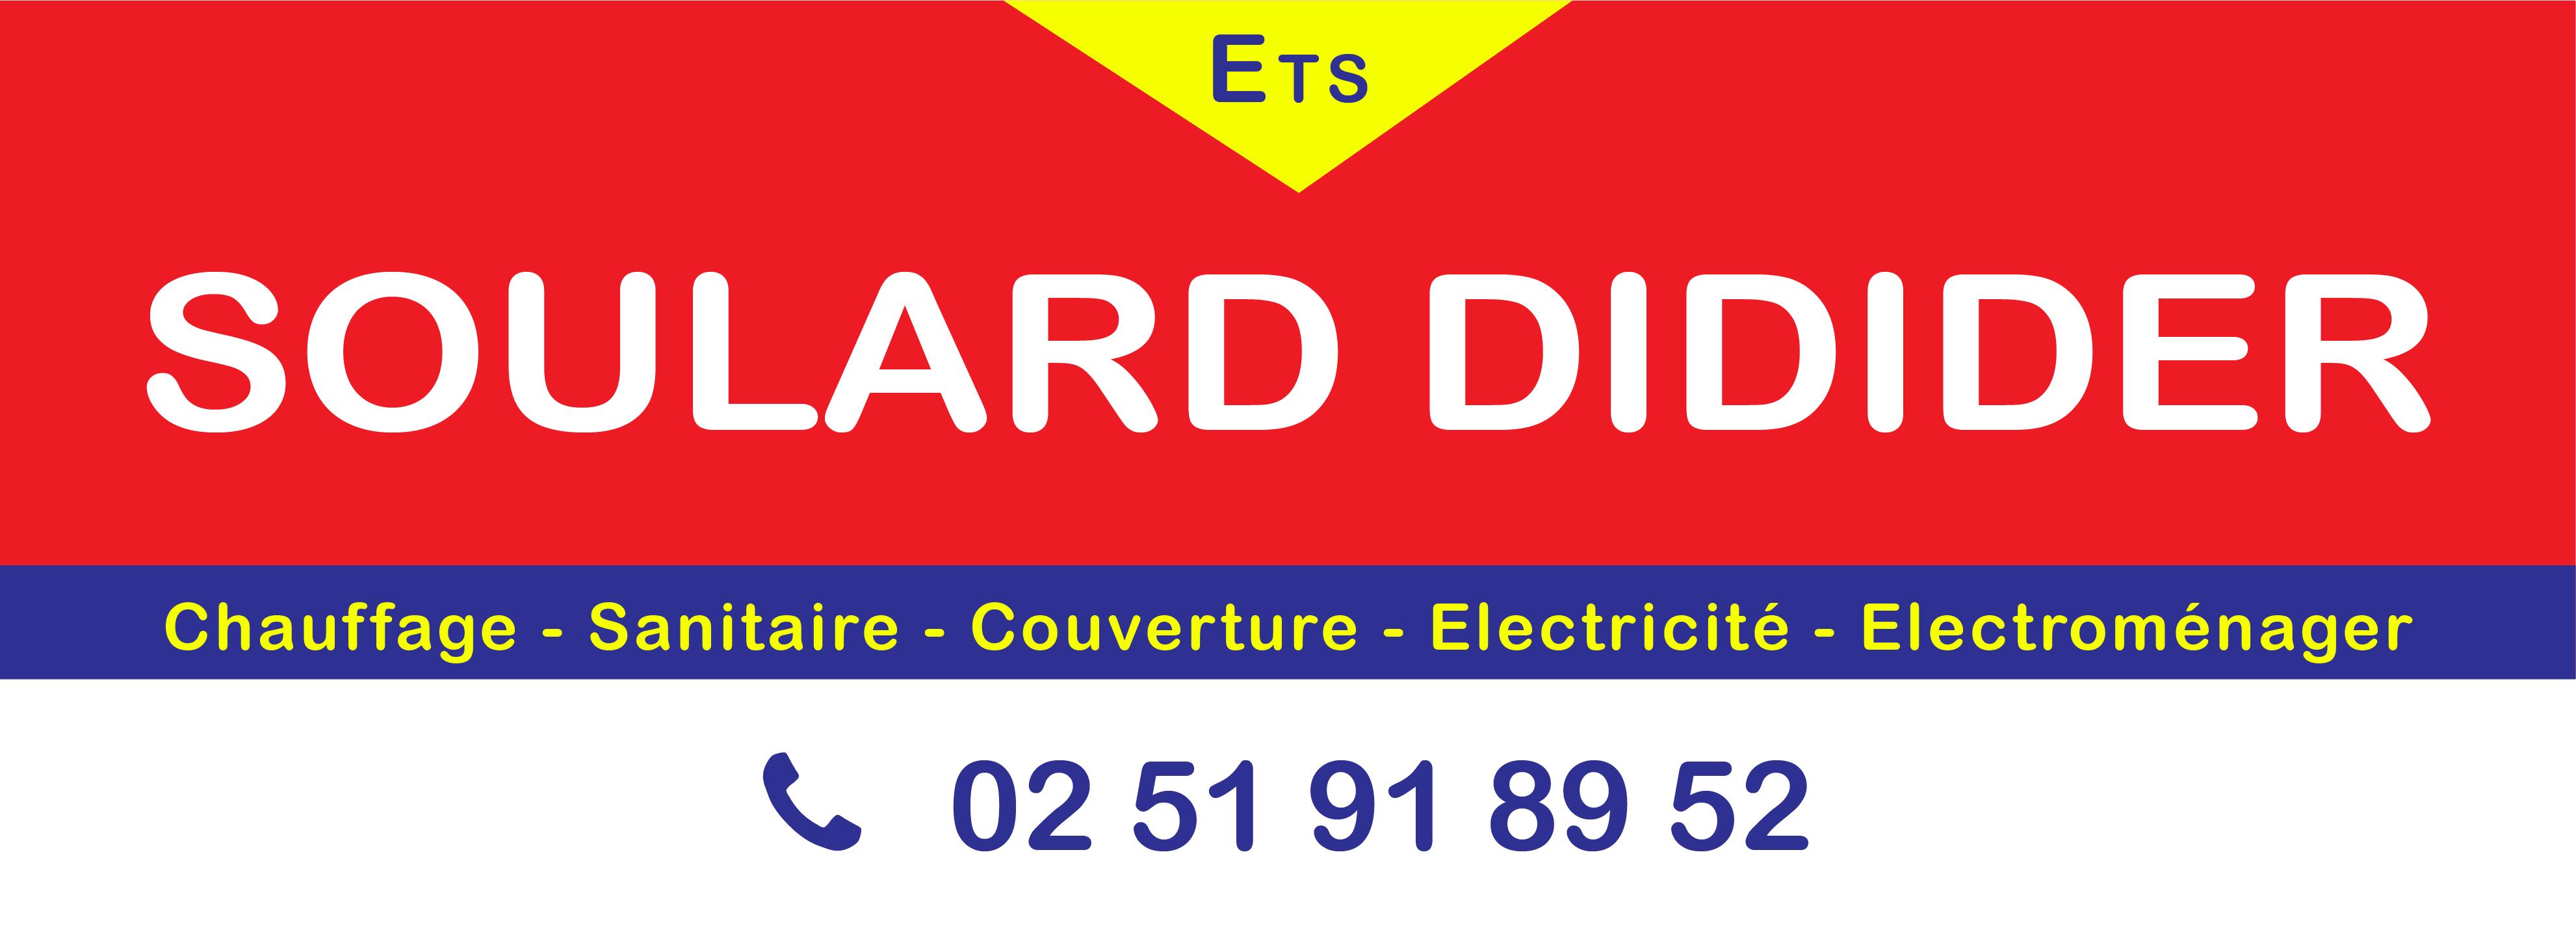 logo soulard didier